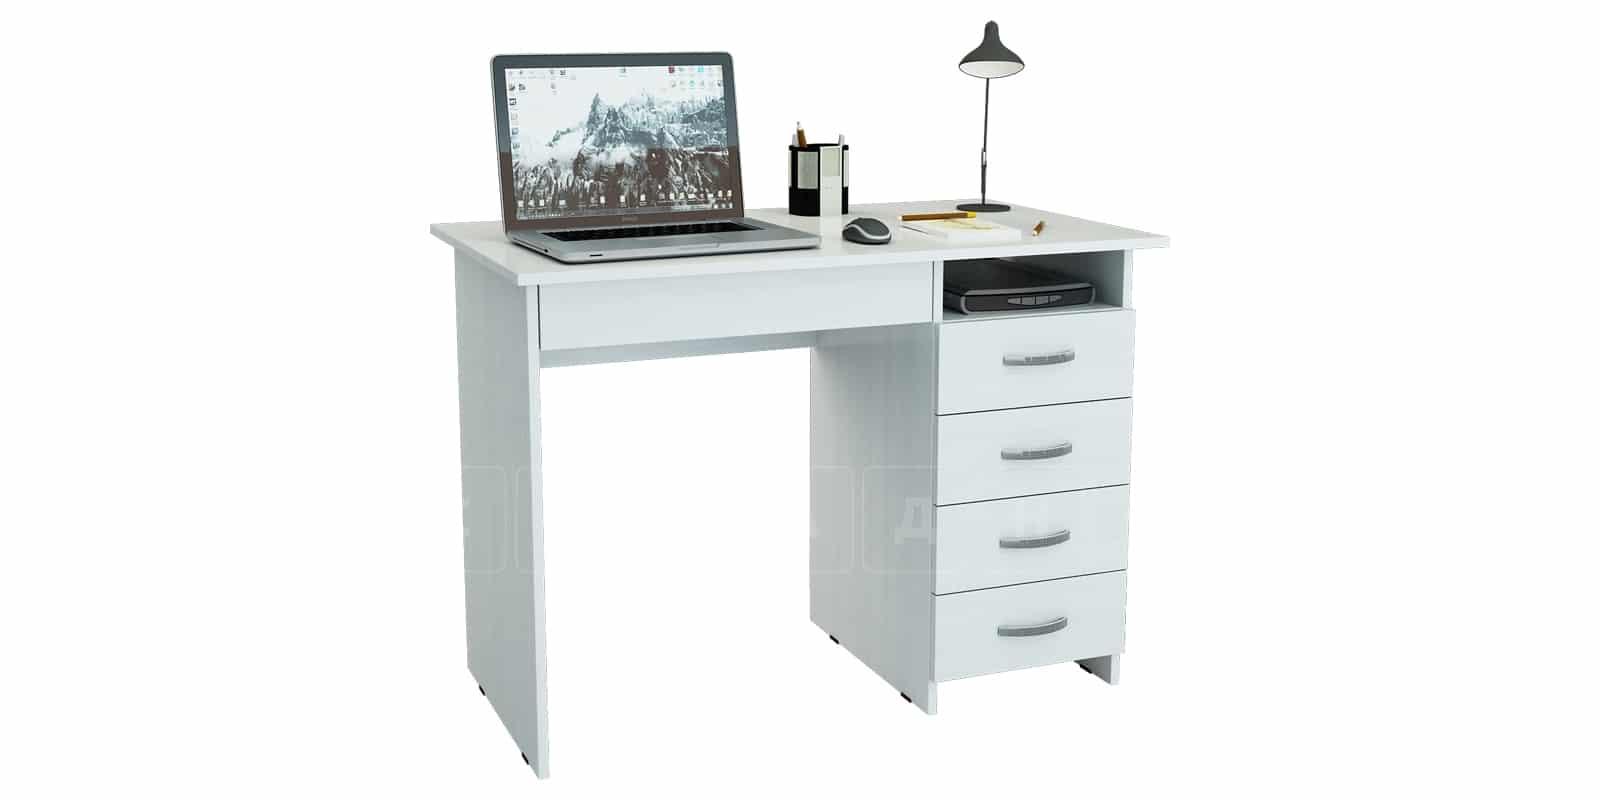 Офисный стол Харви с ящиками фото 6 | интернет-магазин Складно